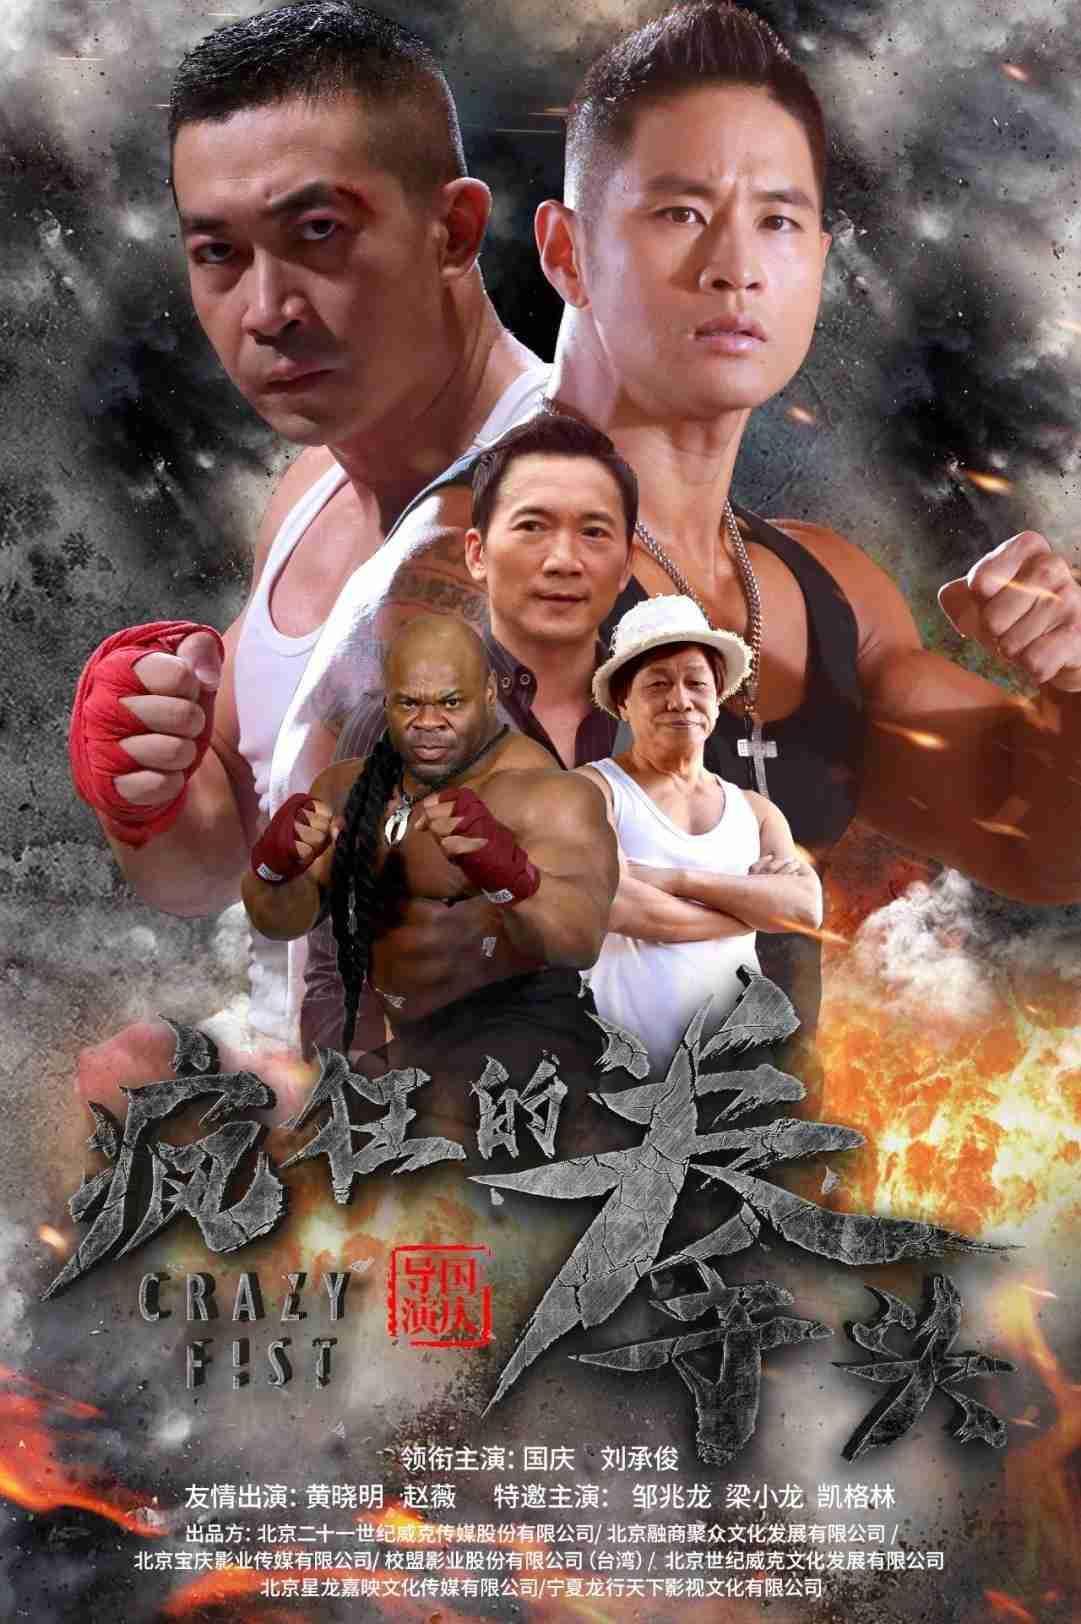 硬汉电影《疯狂的拳头》3月30日登陆全国院线!